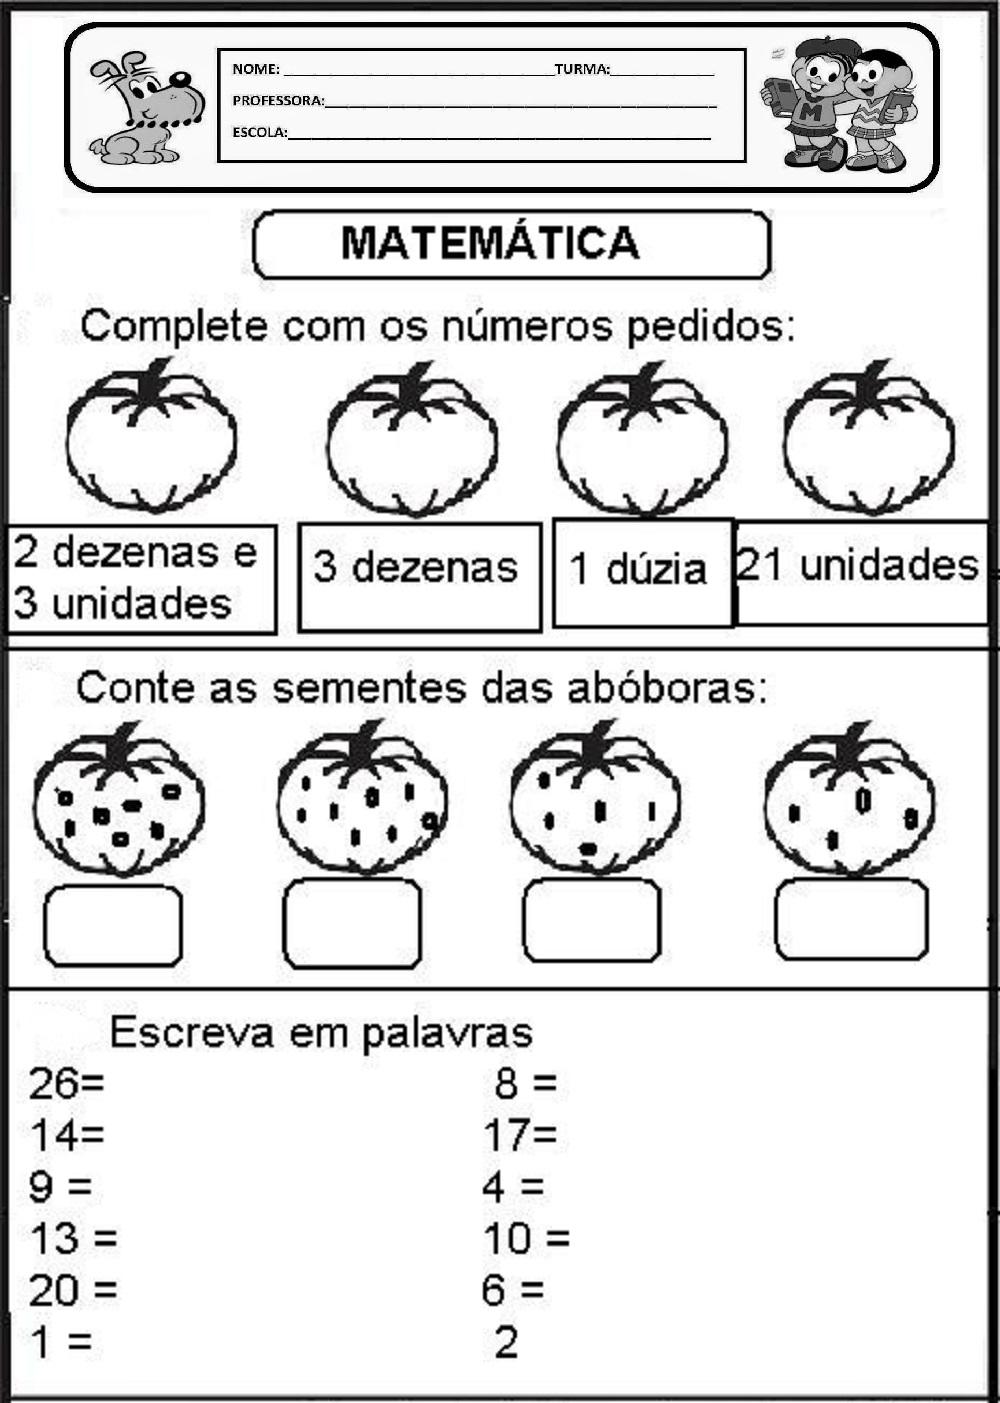 Populares Atividades de Matemática para Imprimir: Séries Iniciais EH49